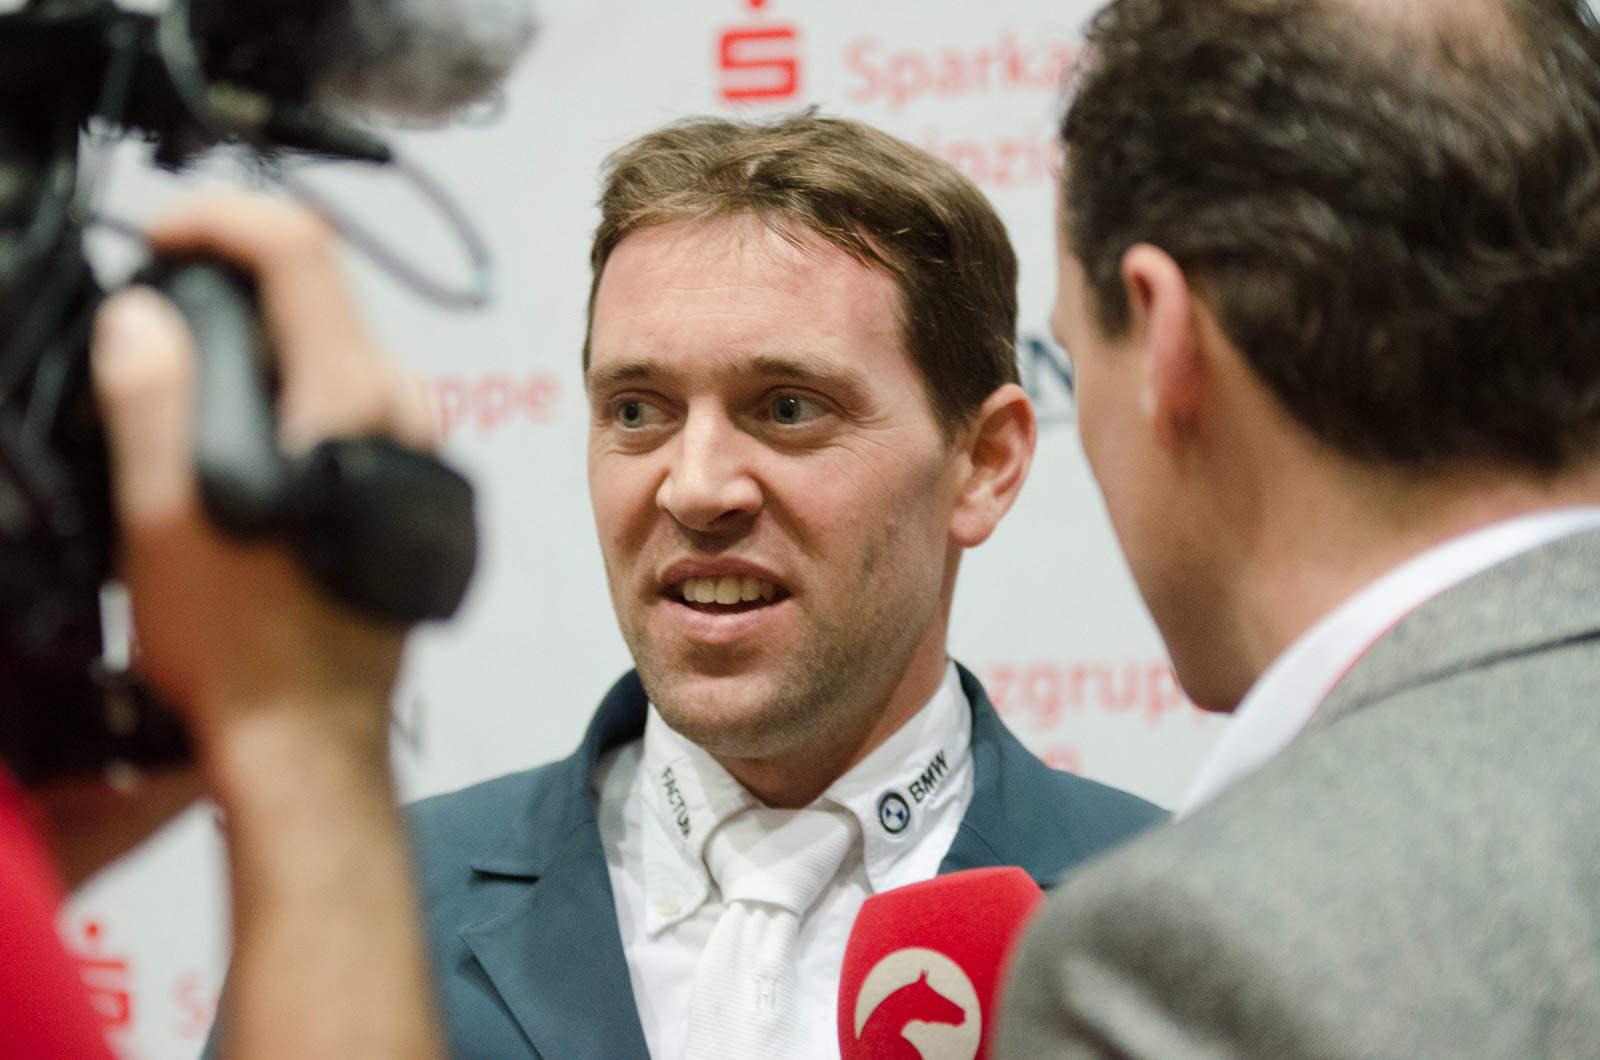 Der Grand Prix von Amsterdam 2019